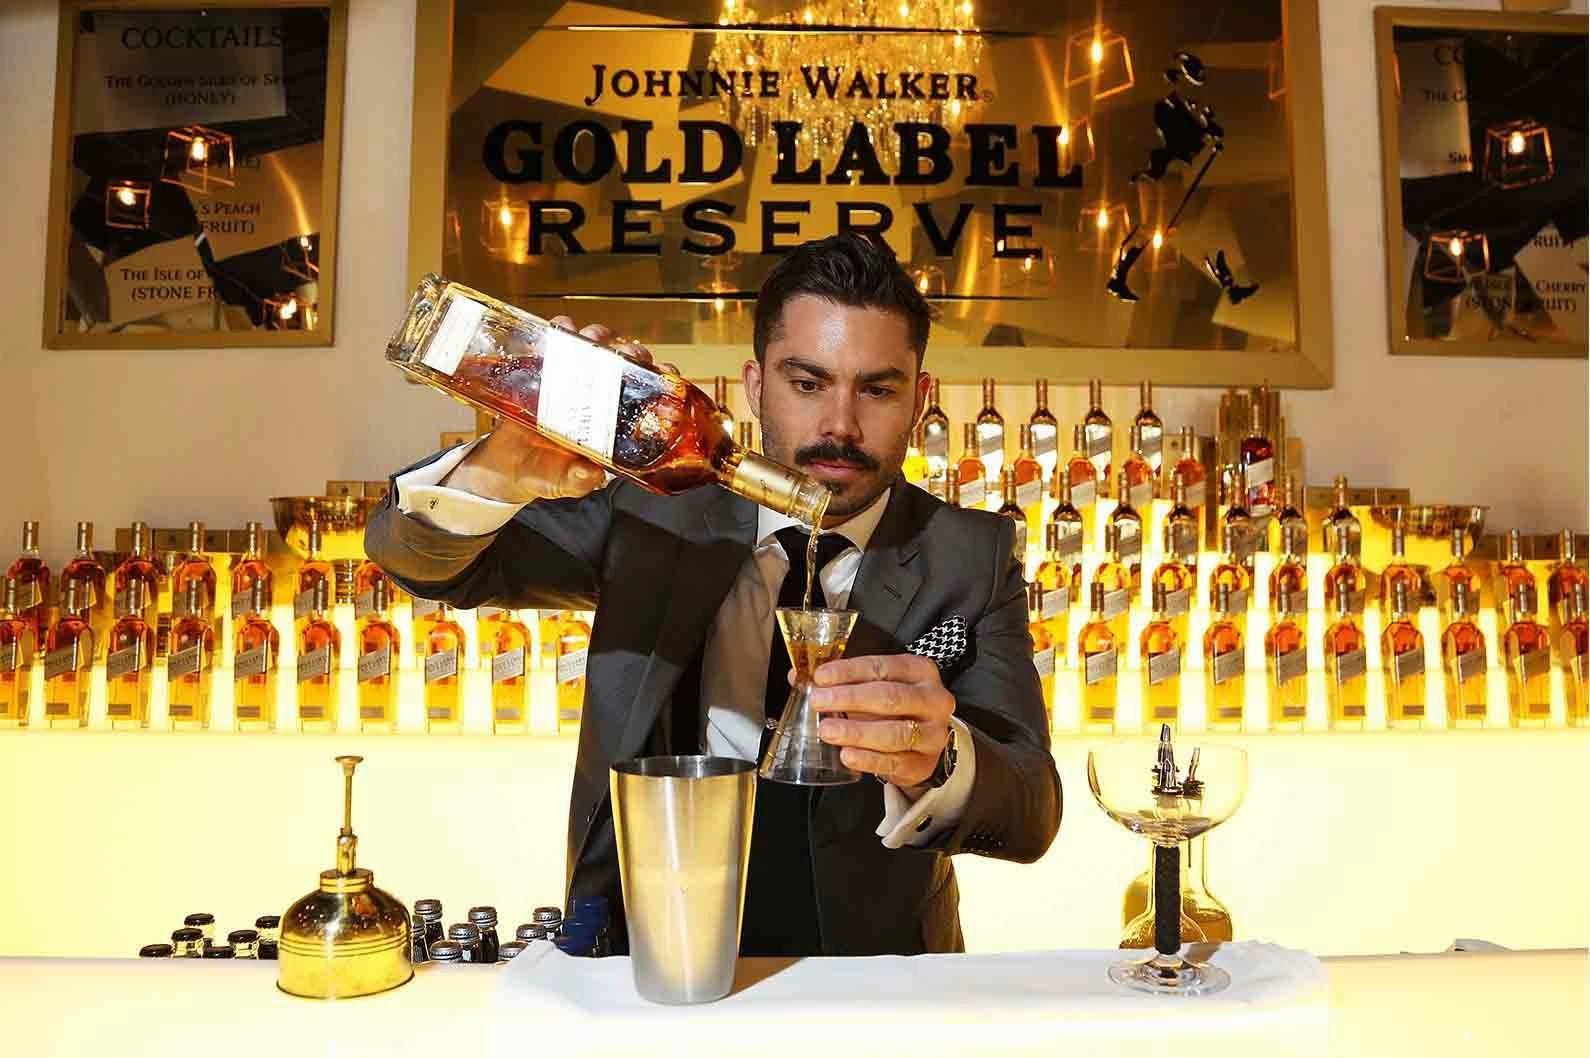 Pha chế rượu Gold Label Reserve